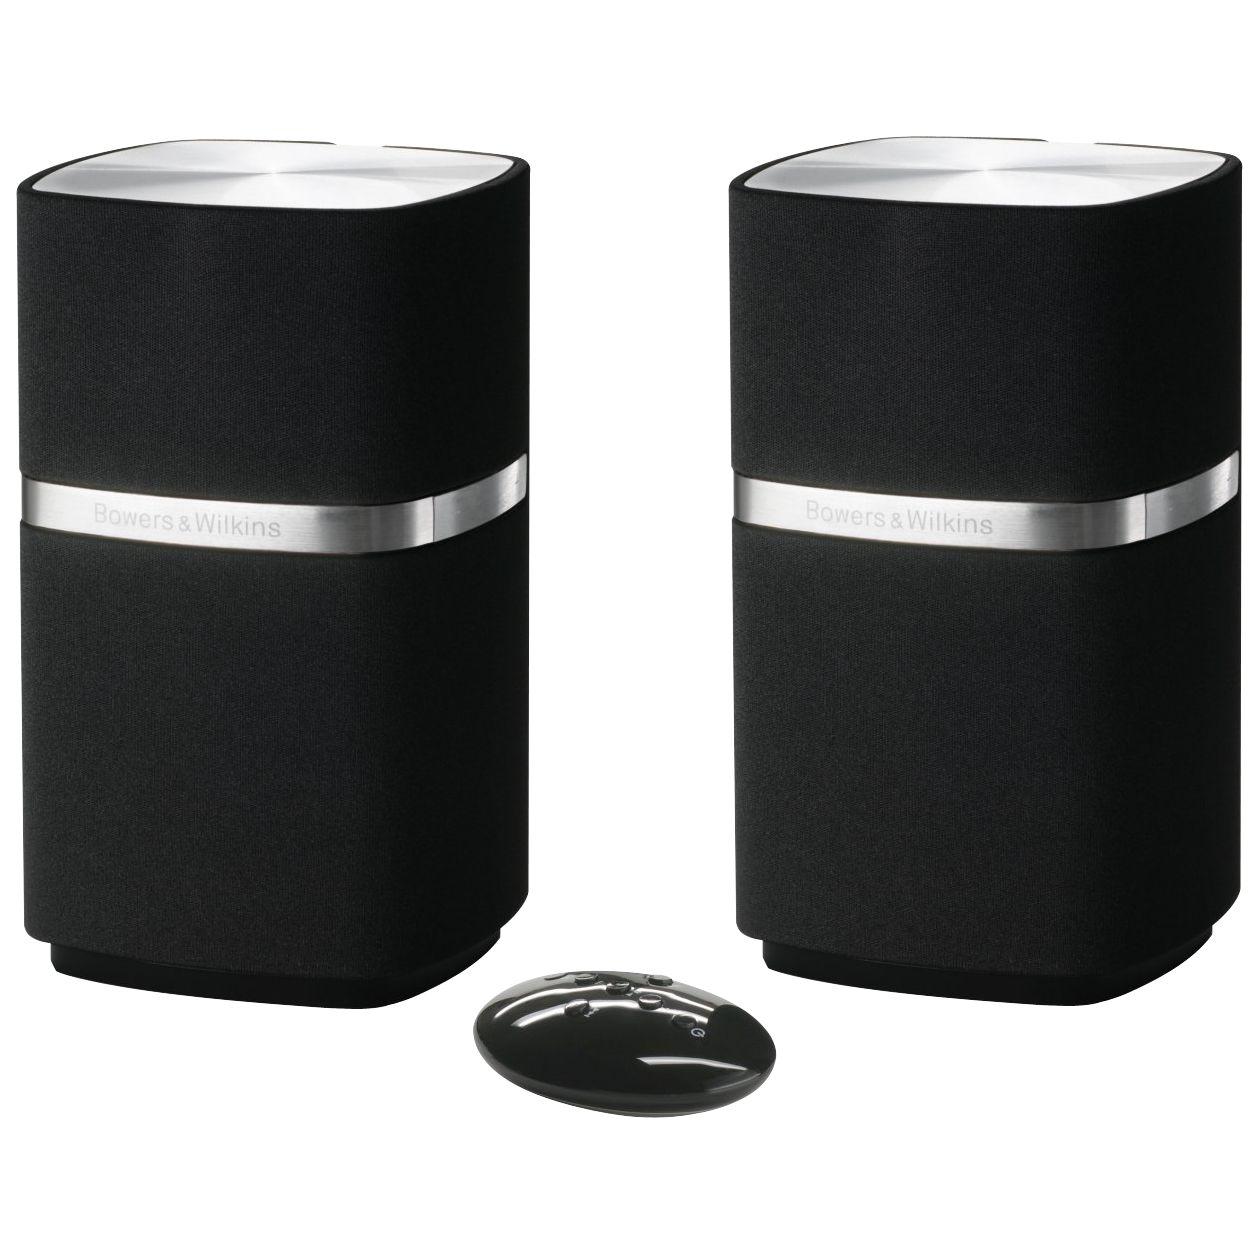 Bowers & Wilkins Bowers & Wilkins MM-1 Computer Speakers